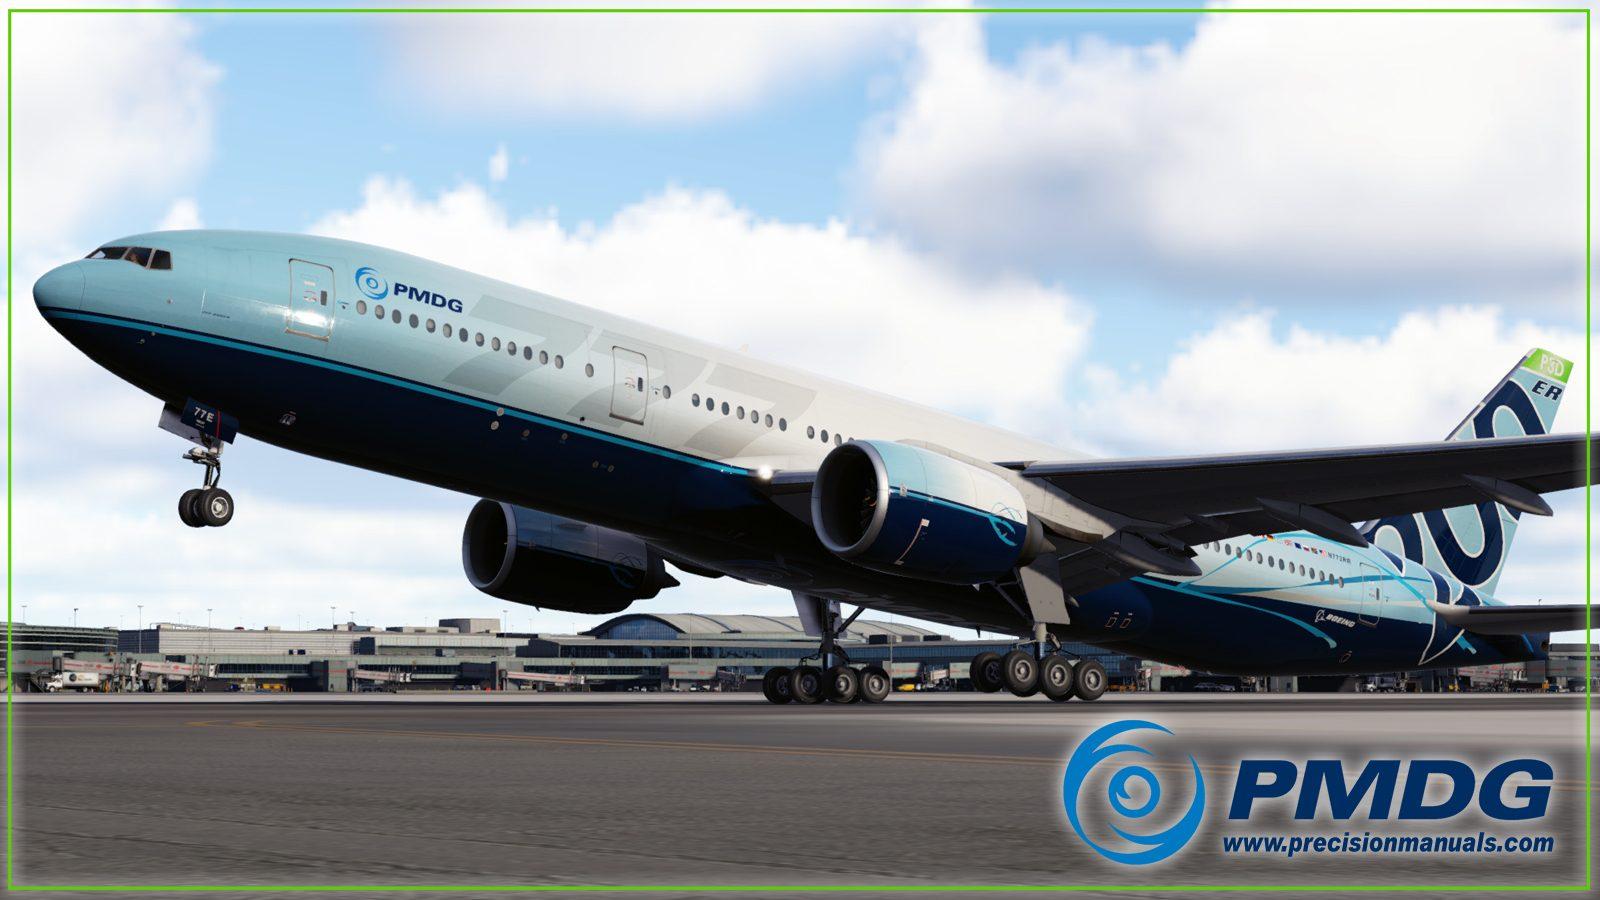 pmdg-777-200-er-p3d-2-1600x900.jpg